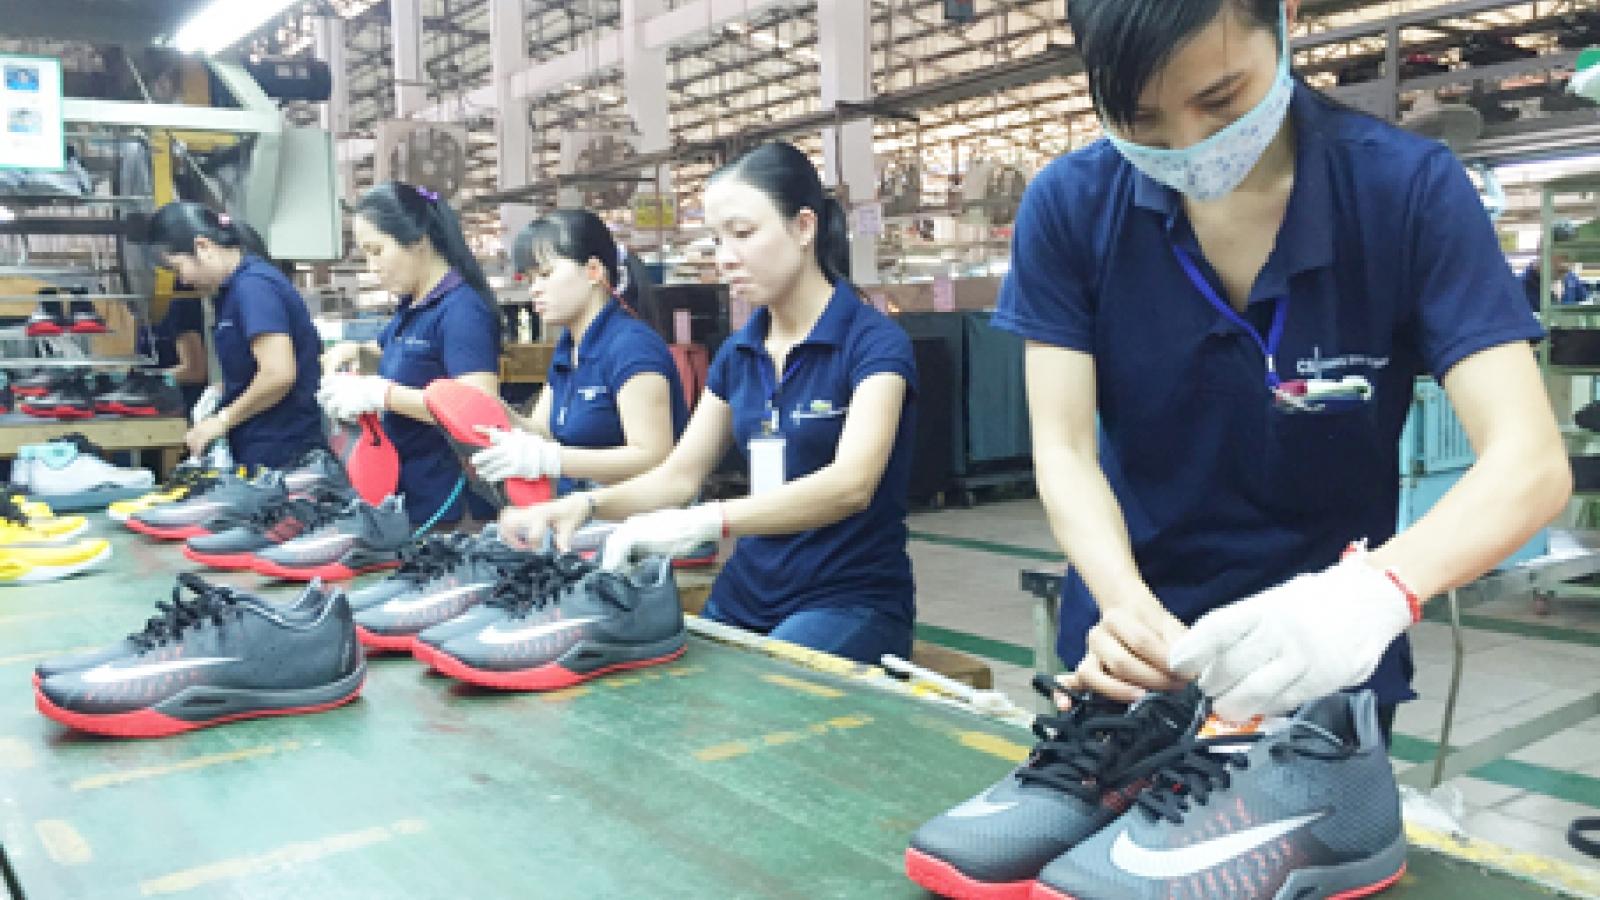 Leather, footwear sector sets US$20 bln export target